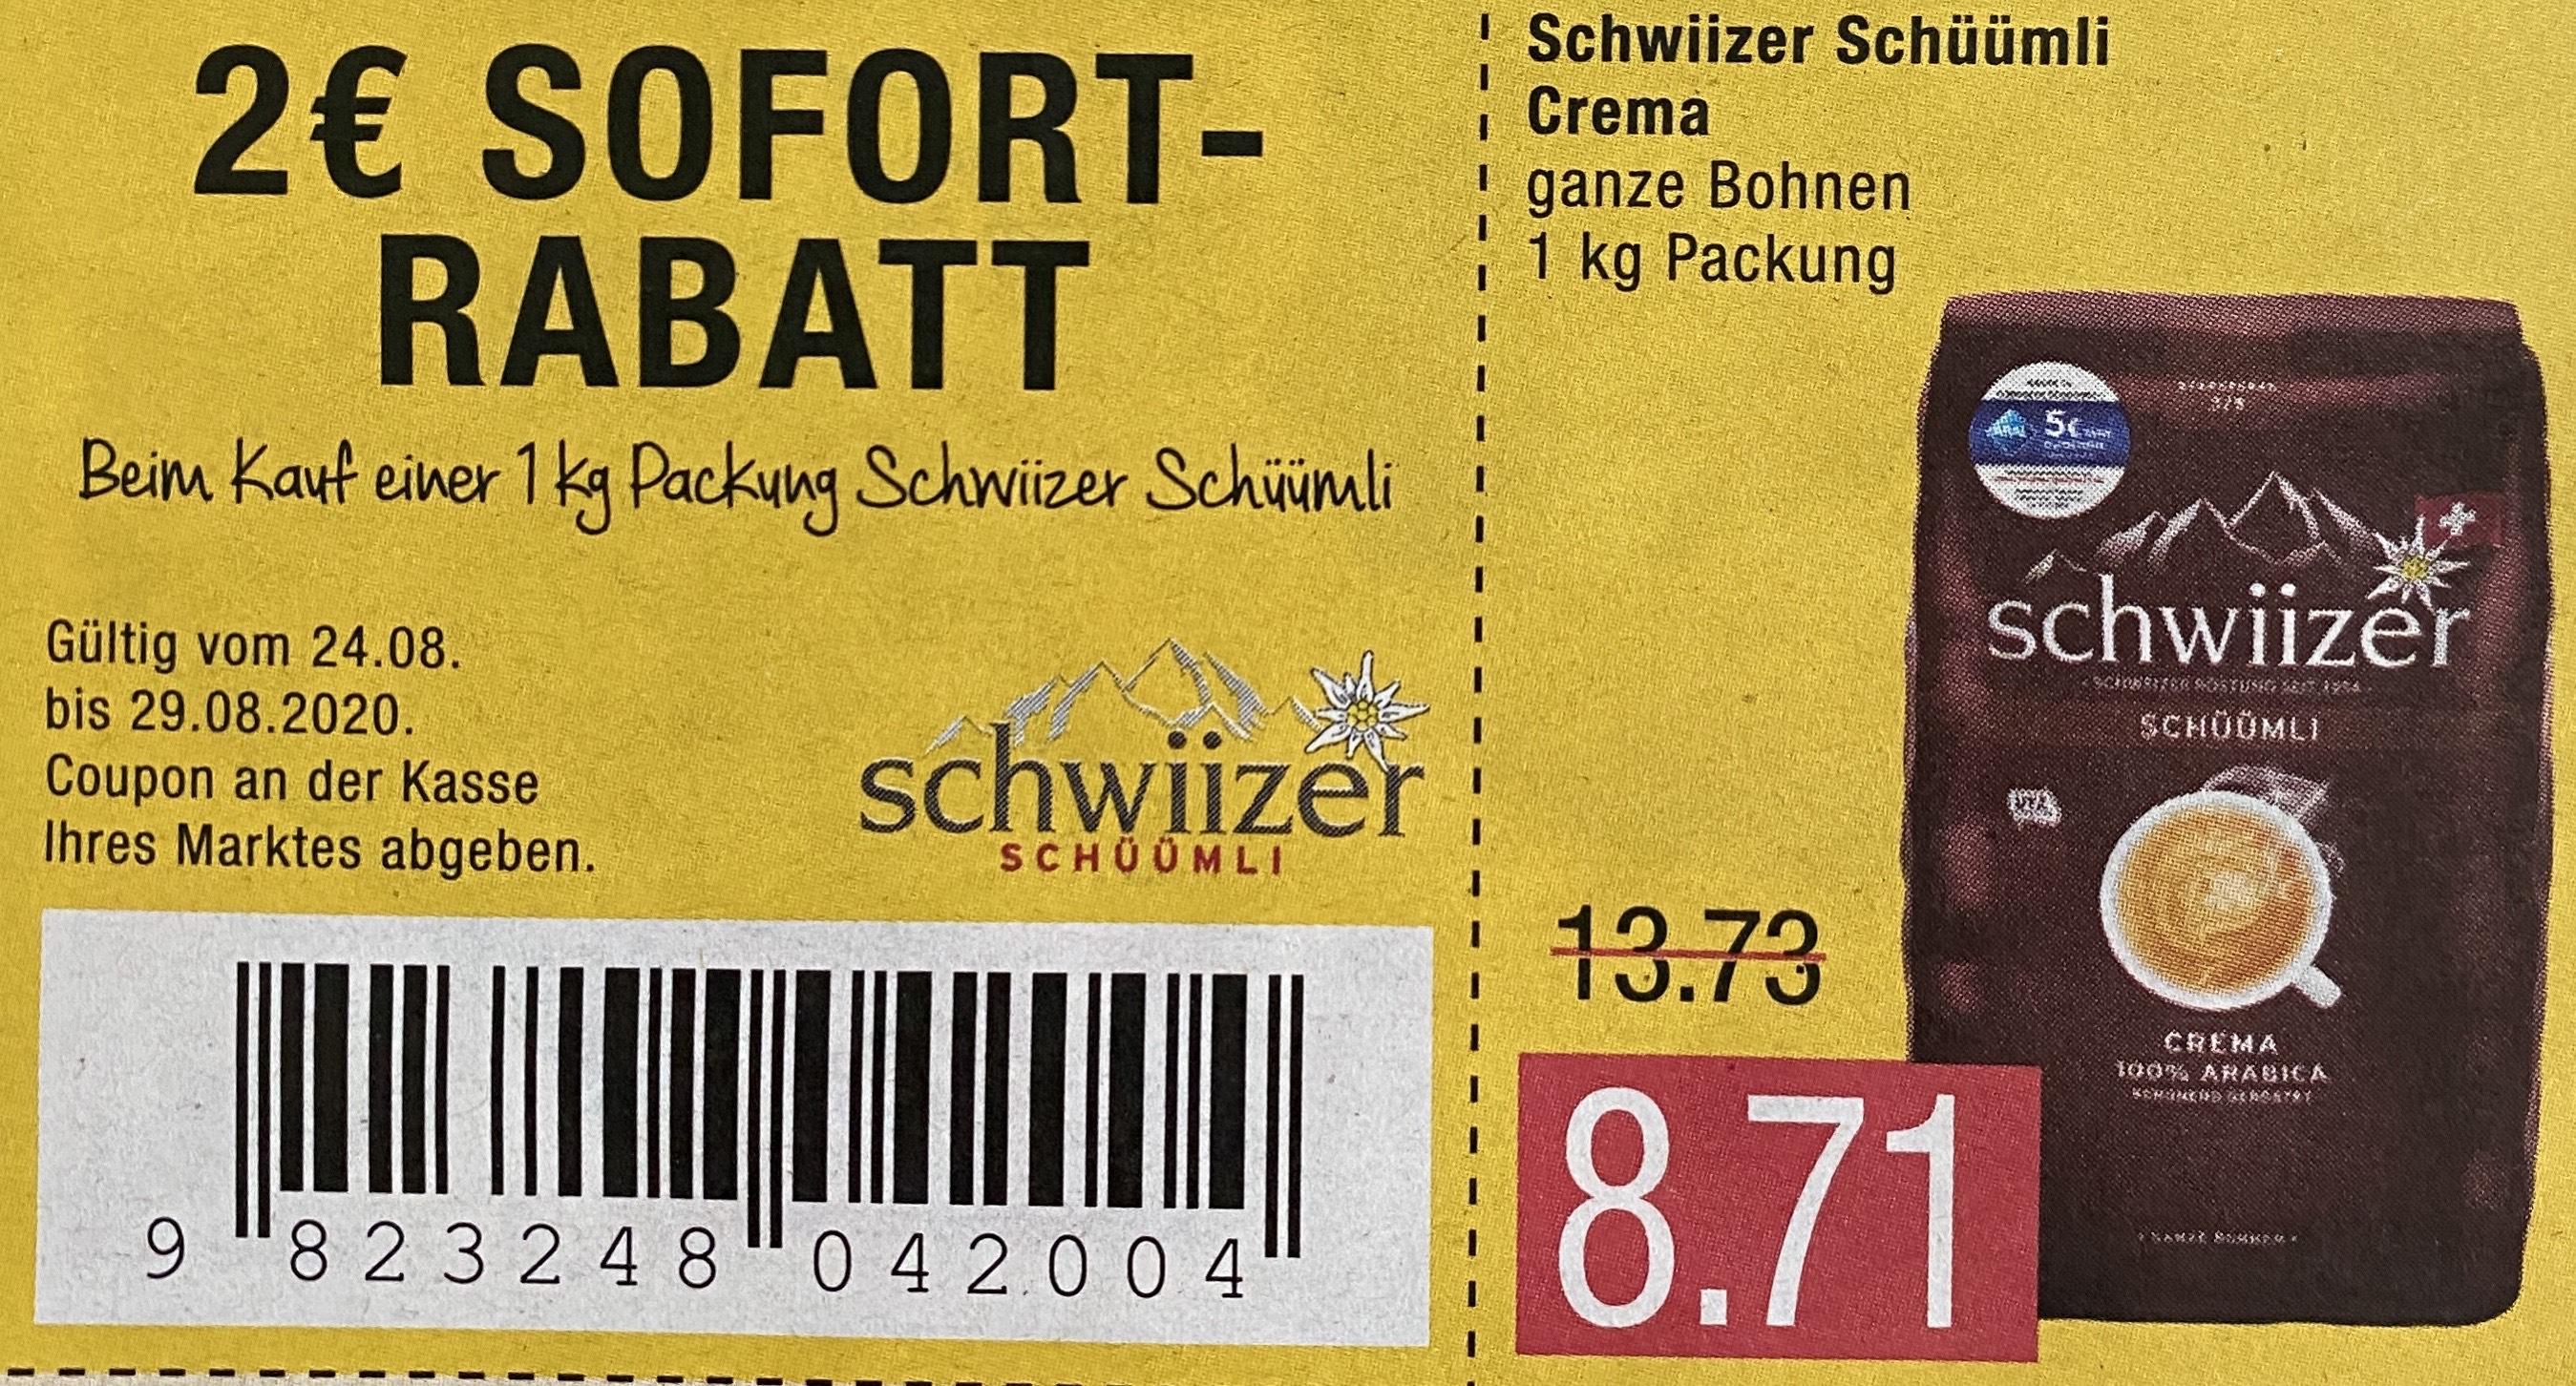 [Marktkauf / Edeka]Schwiizer Schüümli Crema 1kg Packung für 6.71€ durch Sofortrabatt | Snyder's Pretzel Pieces Sweet and Salty 1.27€